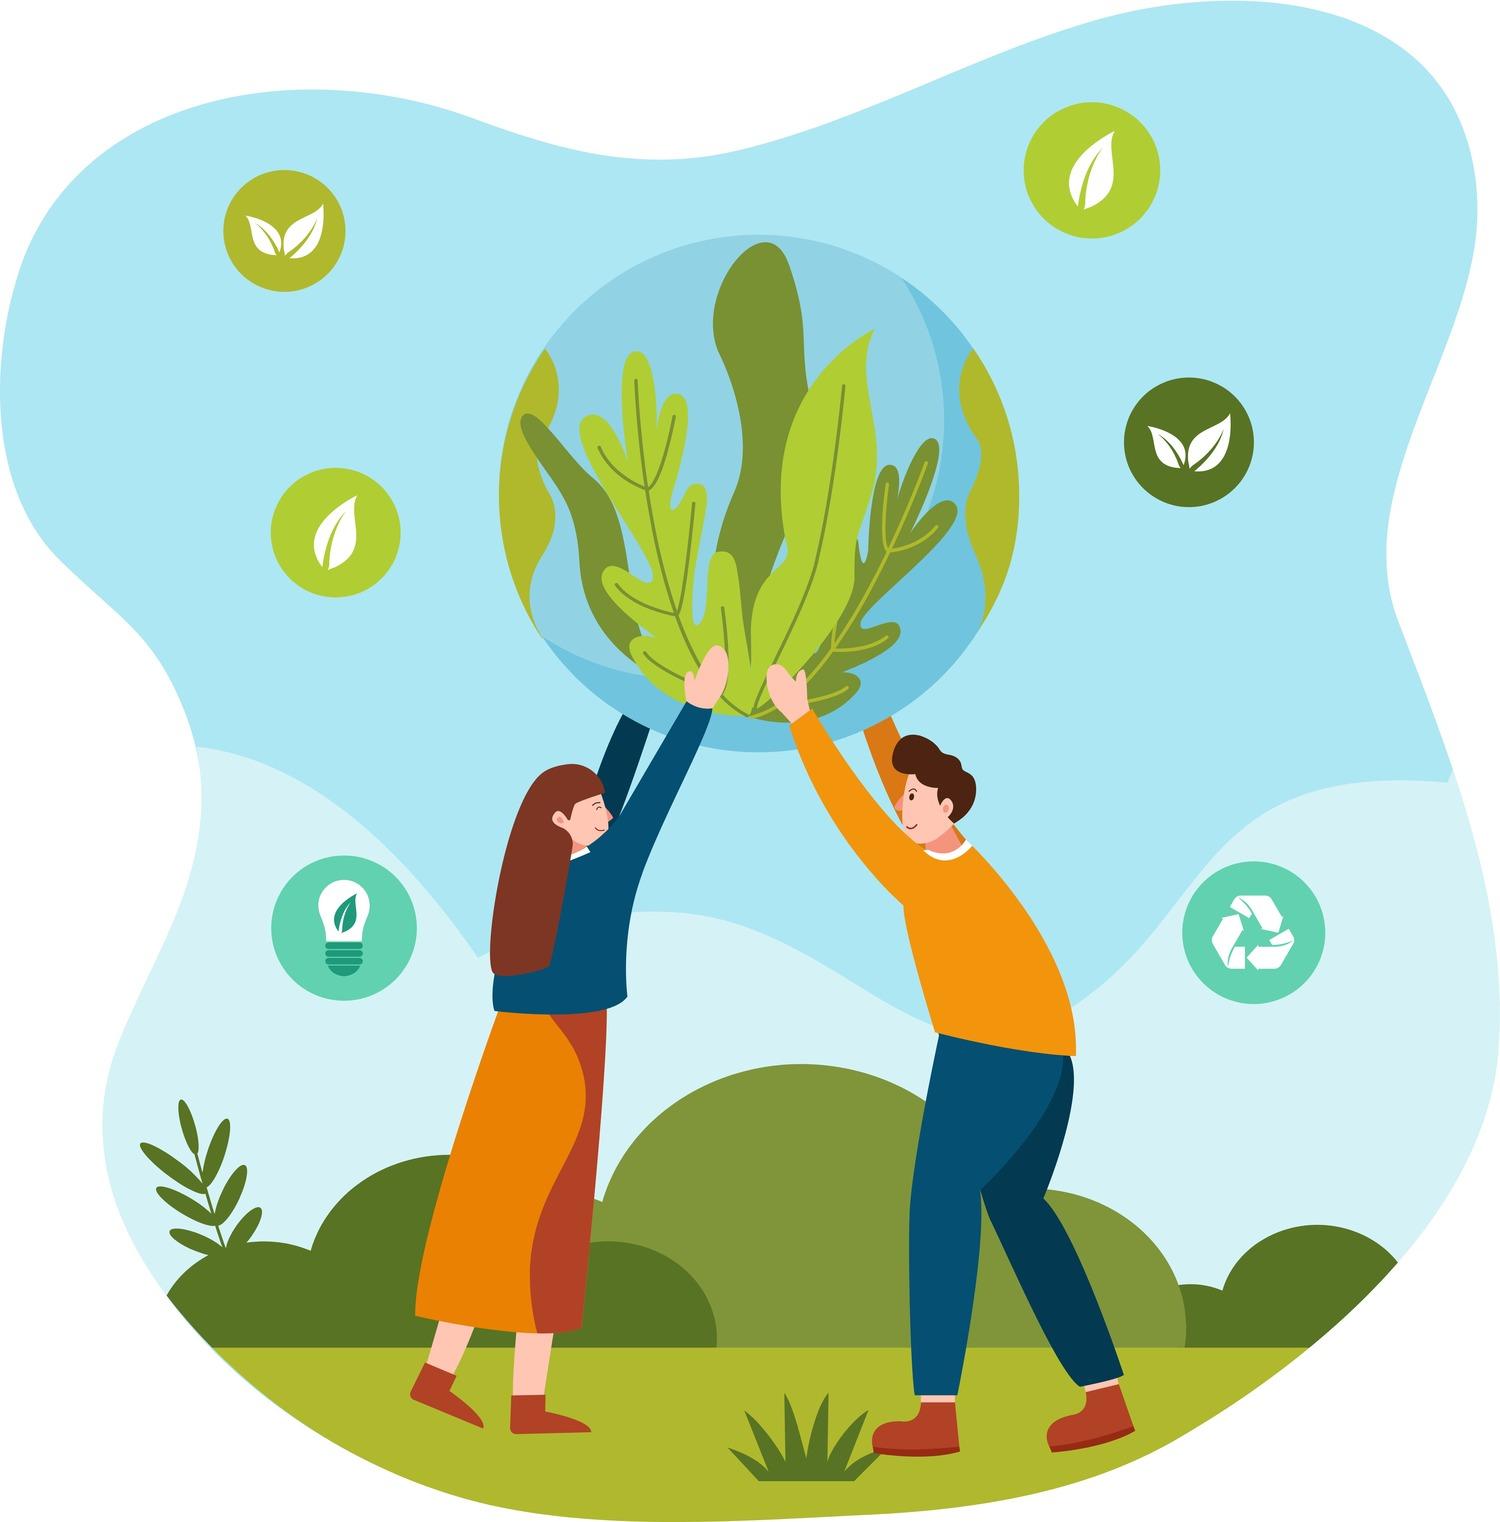 Neferti-investiamo-in-efficienza-energetica-e-tutela-ambientale